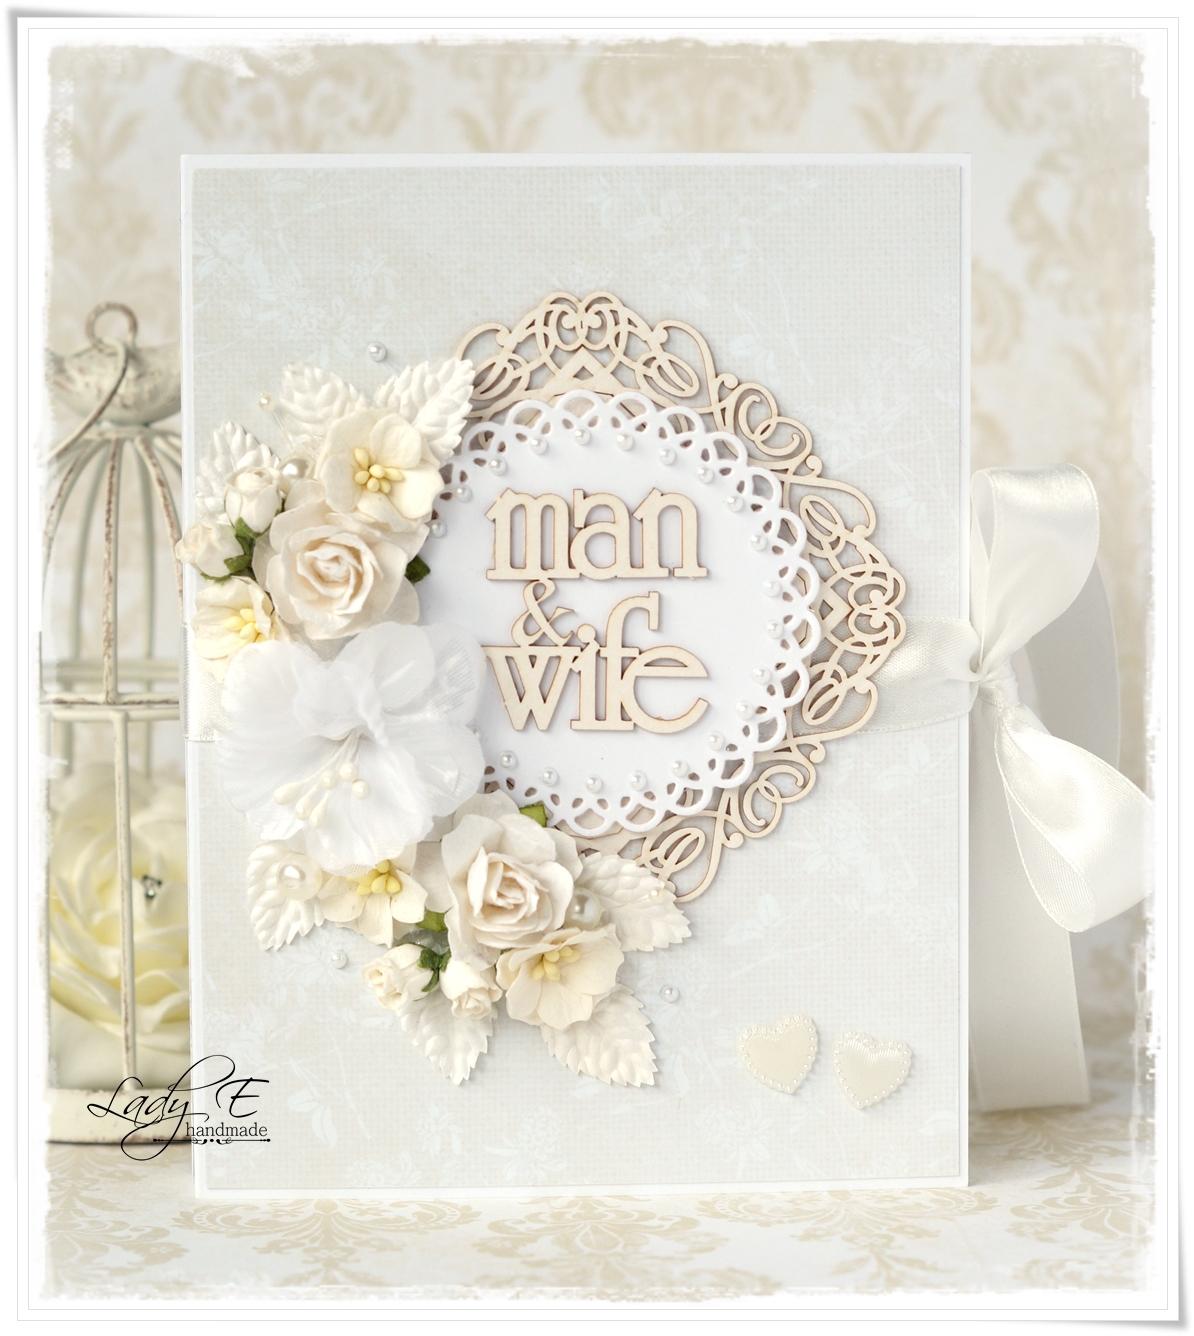 Бумажная свадьба скрапбукинг открытка, анимашки для презентации